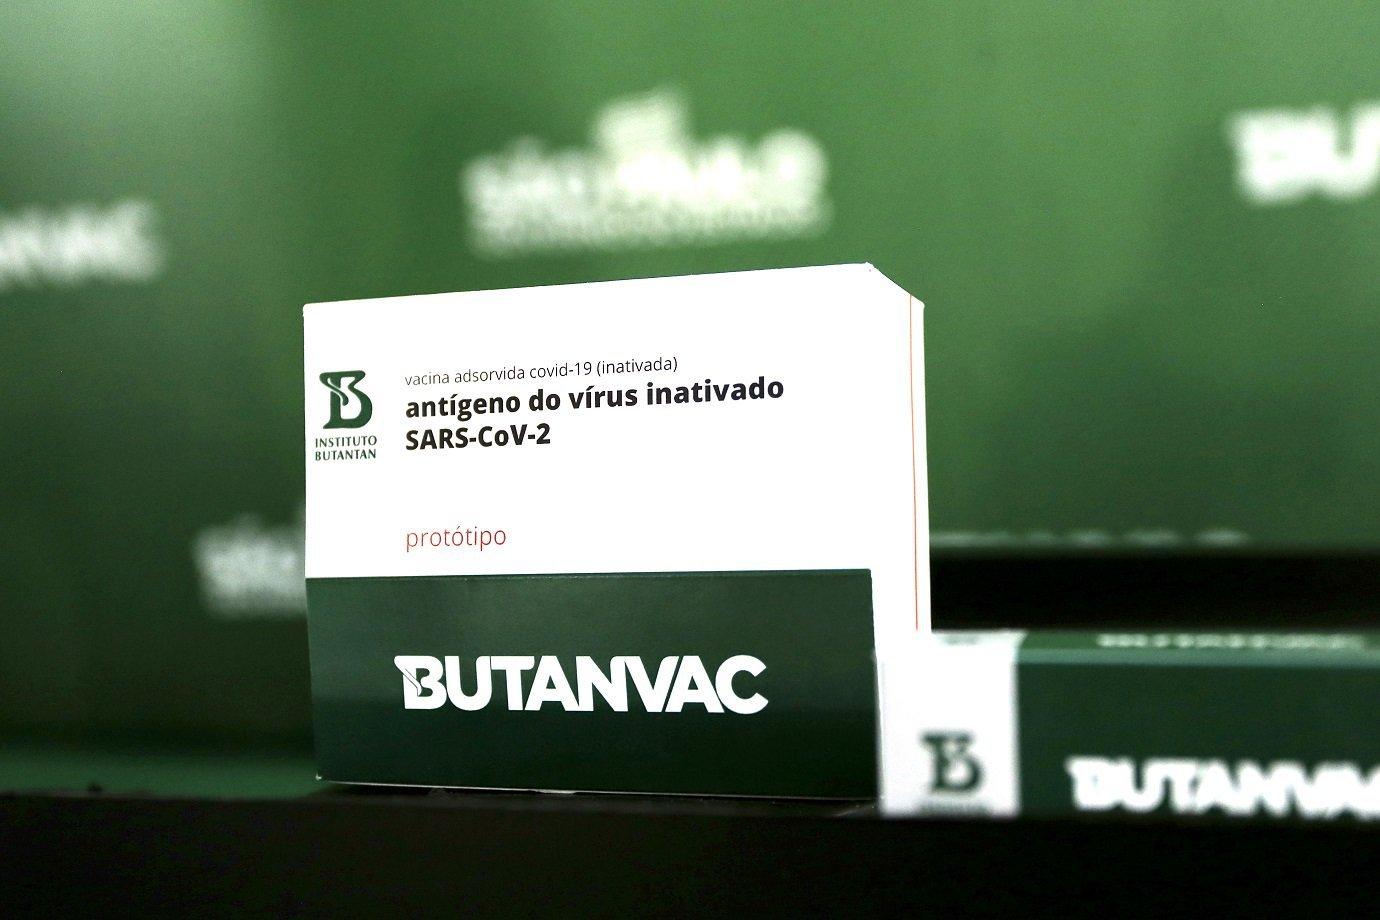 Butanvac vacina contra covid-19